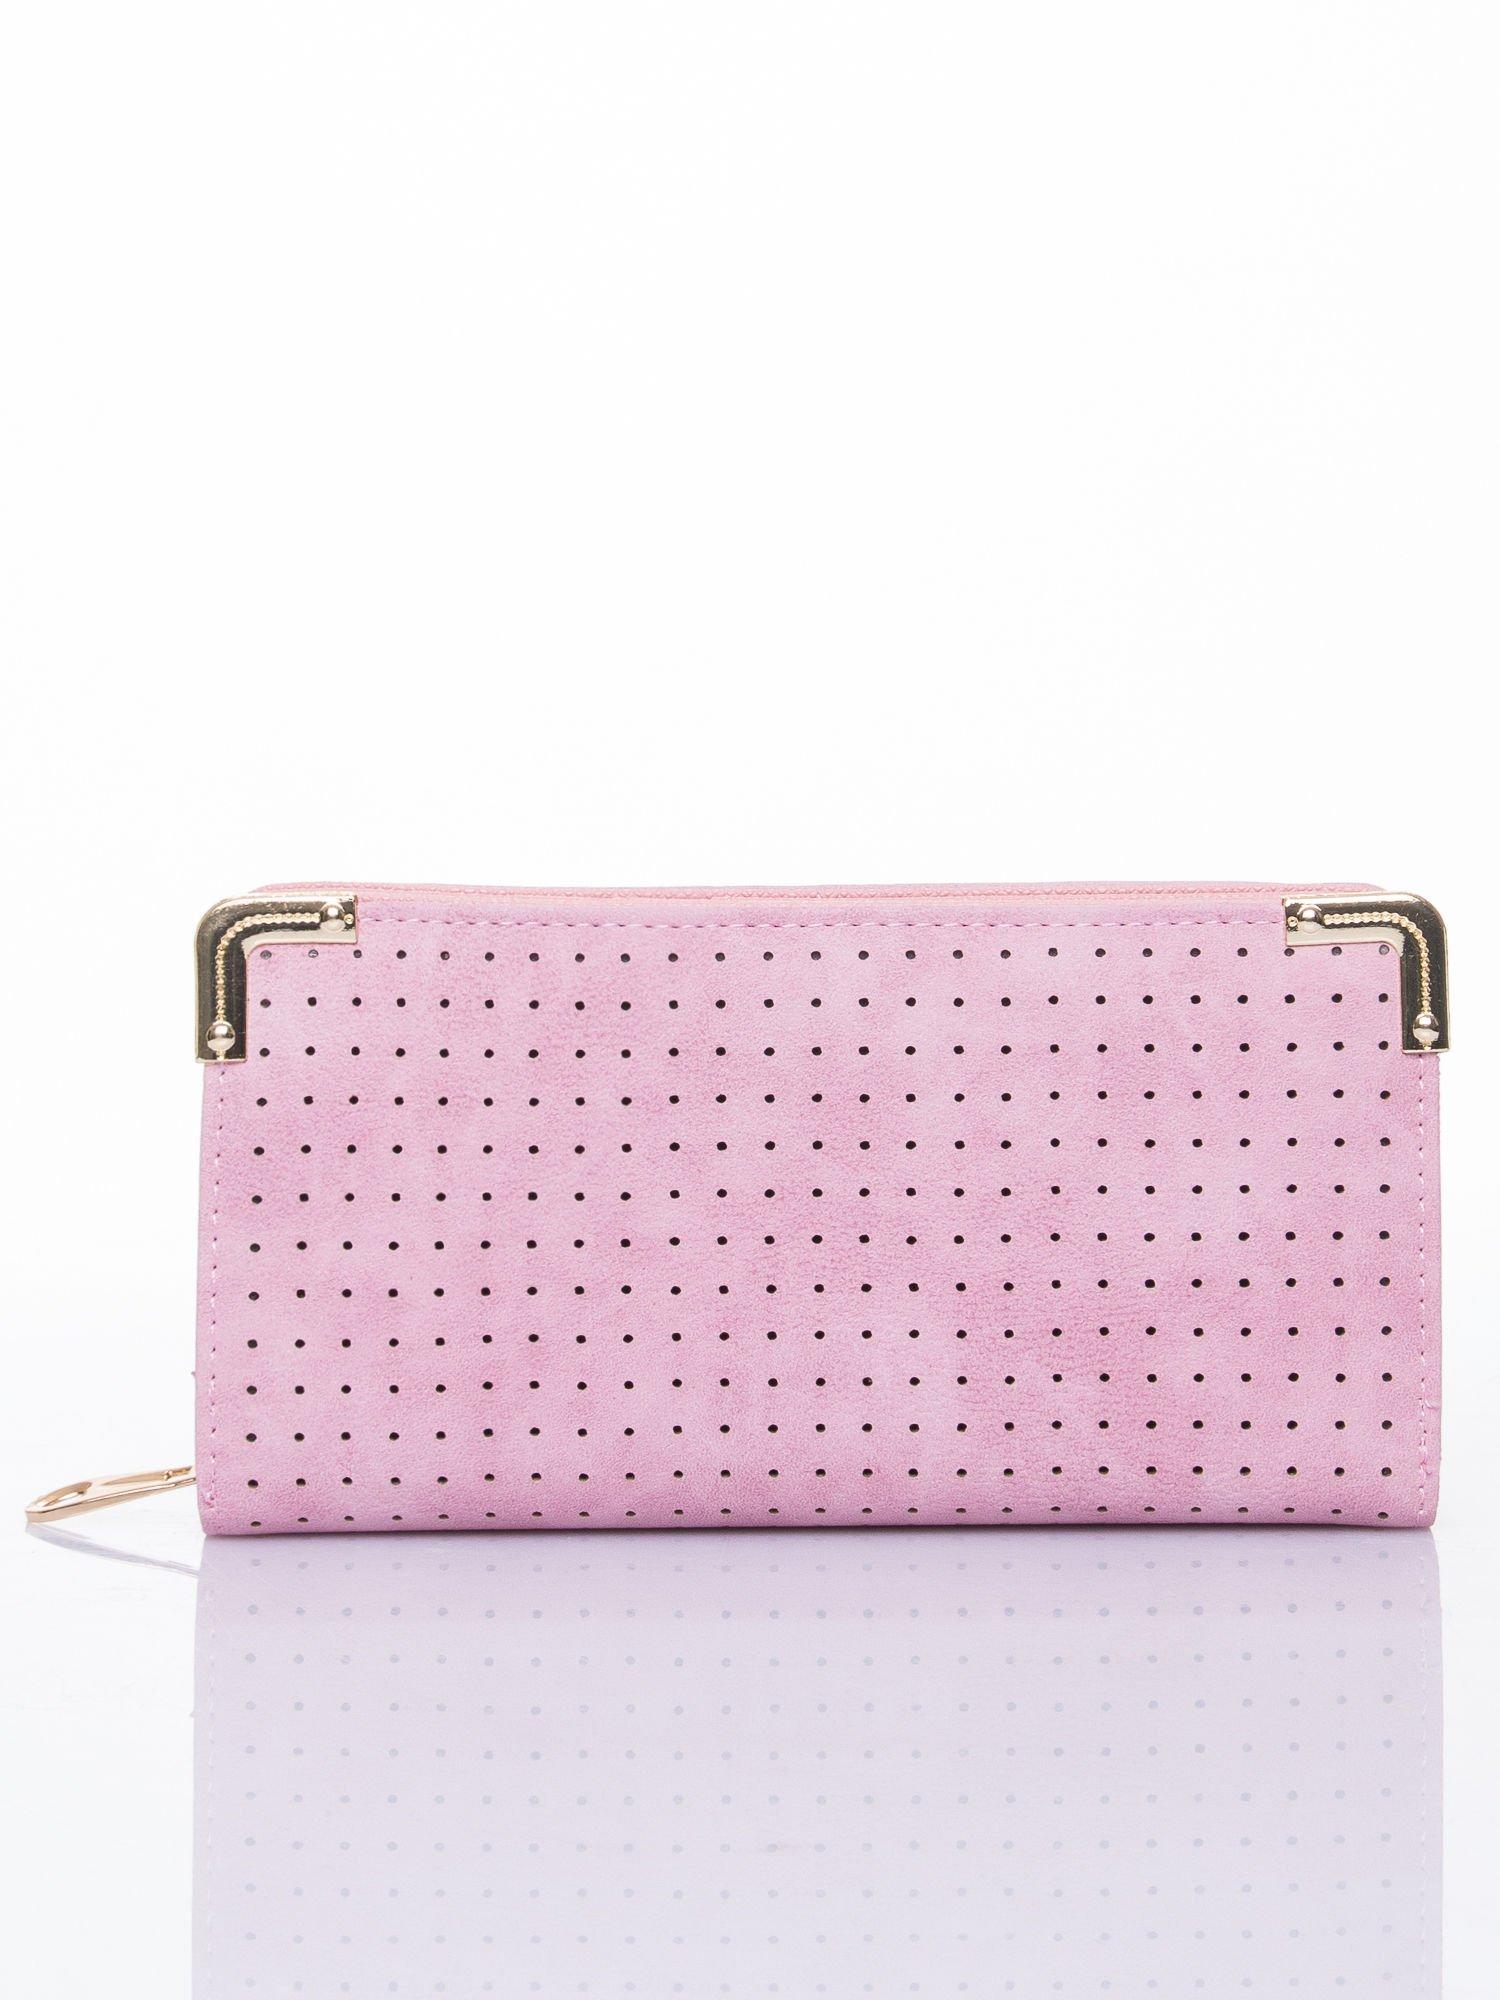 26708db665969 Różowy ażurowany portfel ze złotymi okuciami - Akcesoria portfele ...